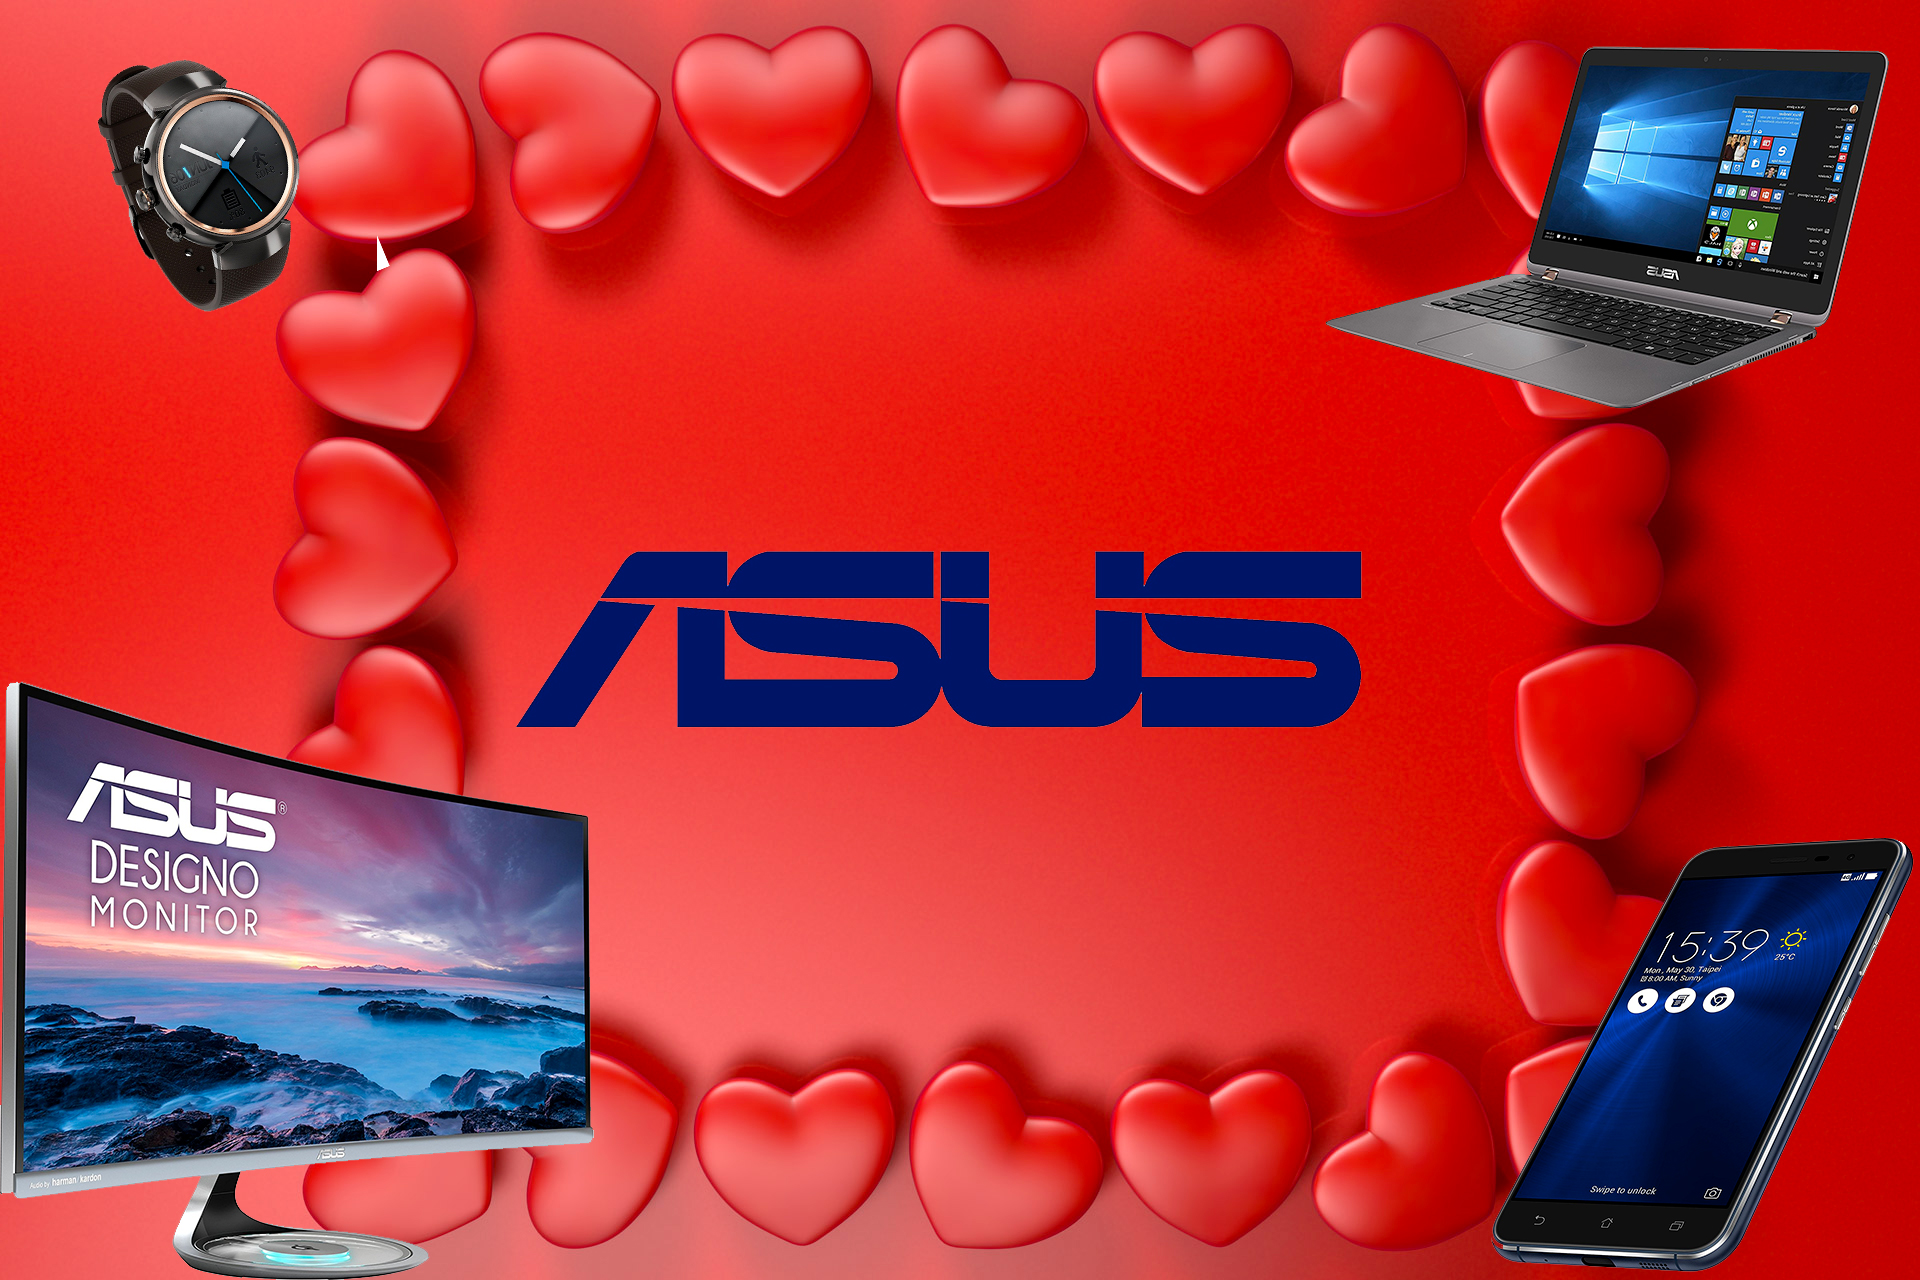 Offerte regalo per San Valentino 2017: le proposte tech di Asus